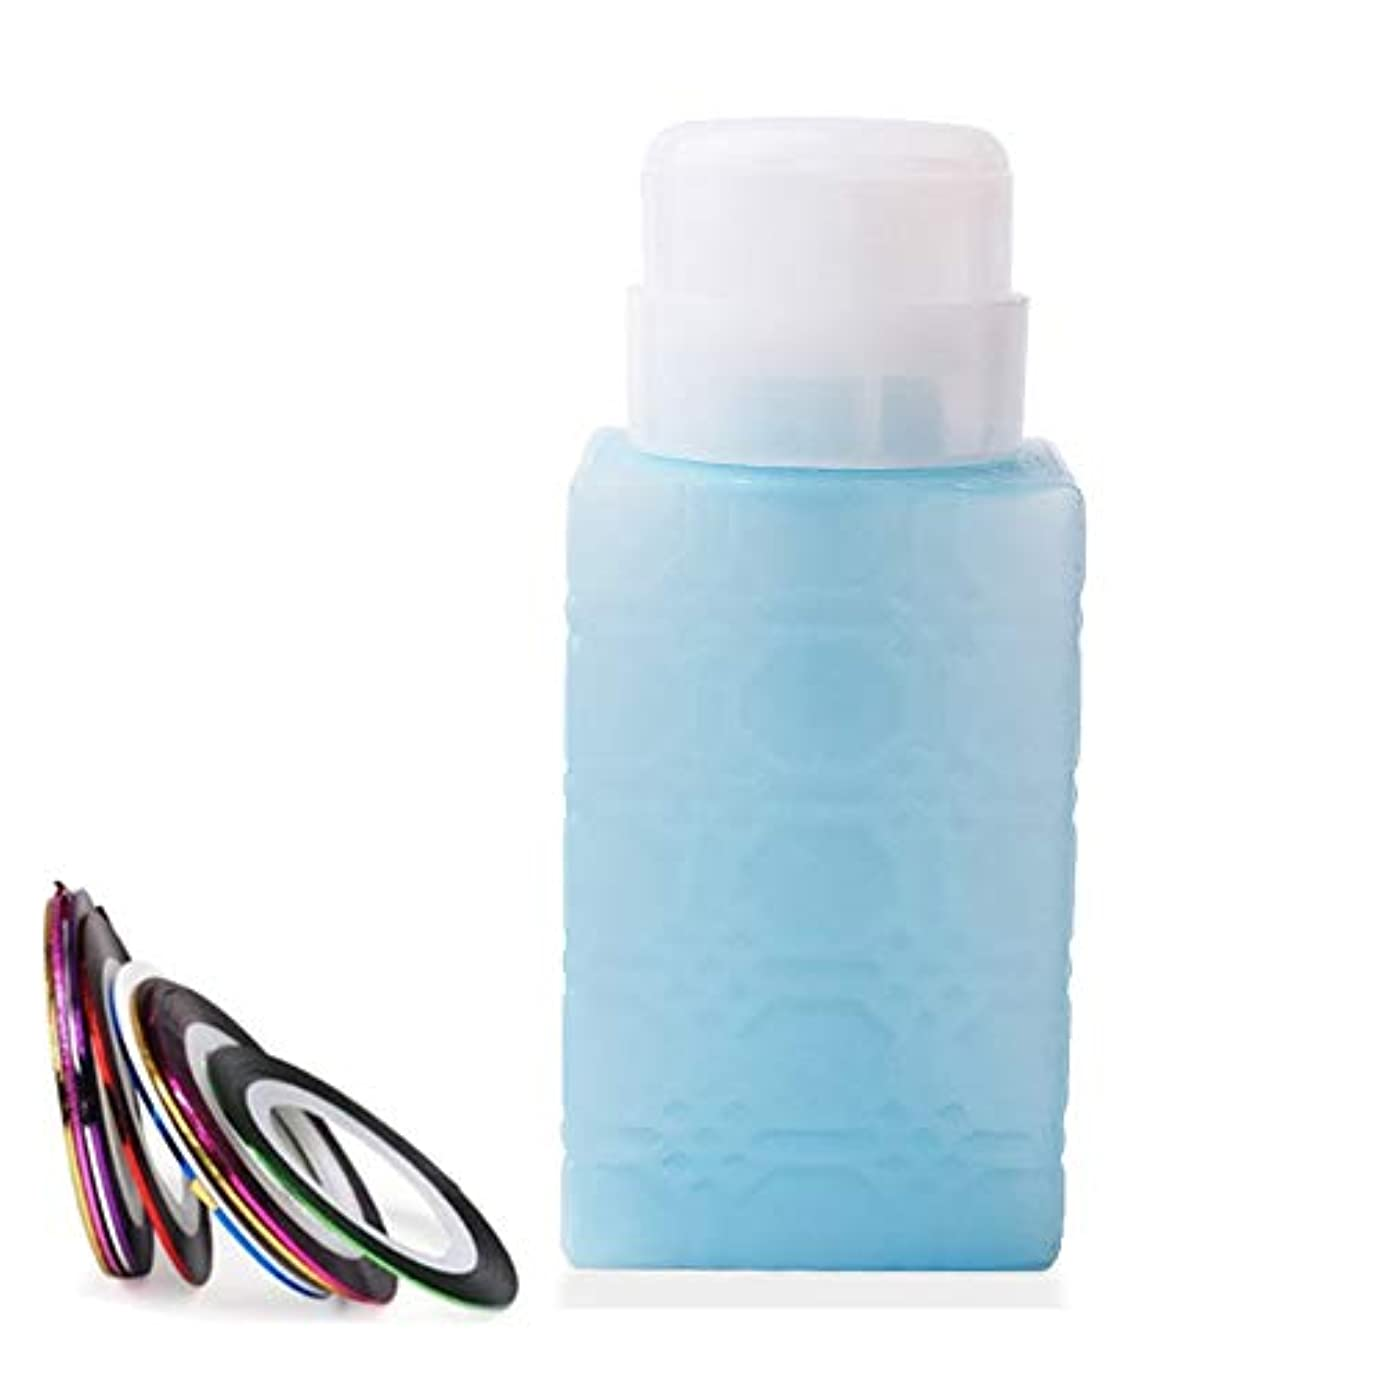 ランドマークセットする痛い空ポンプボトル ポンプディスペンサー ネイルワイプ瓶 ジュルクリーナー ジュルリムーバー 可愛い (ブルー)